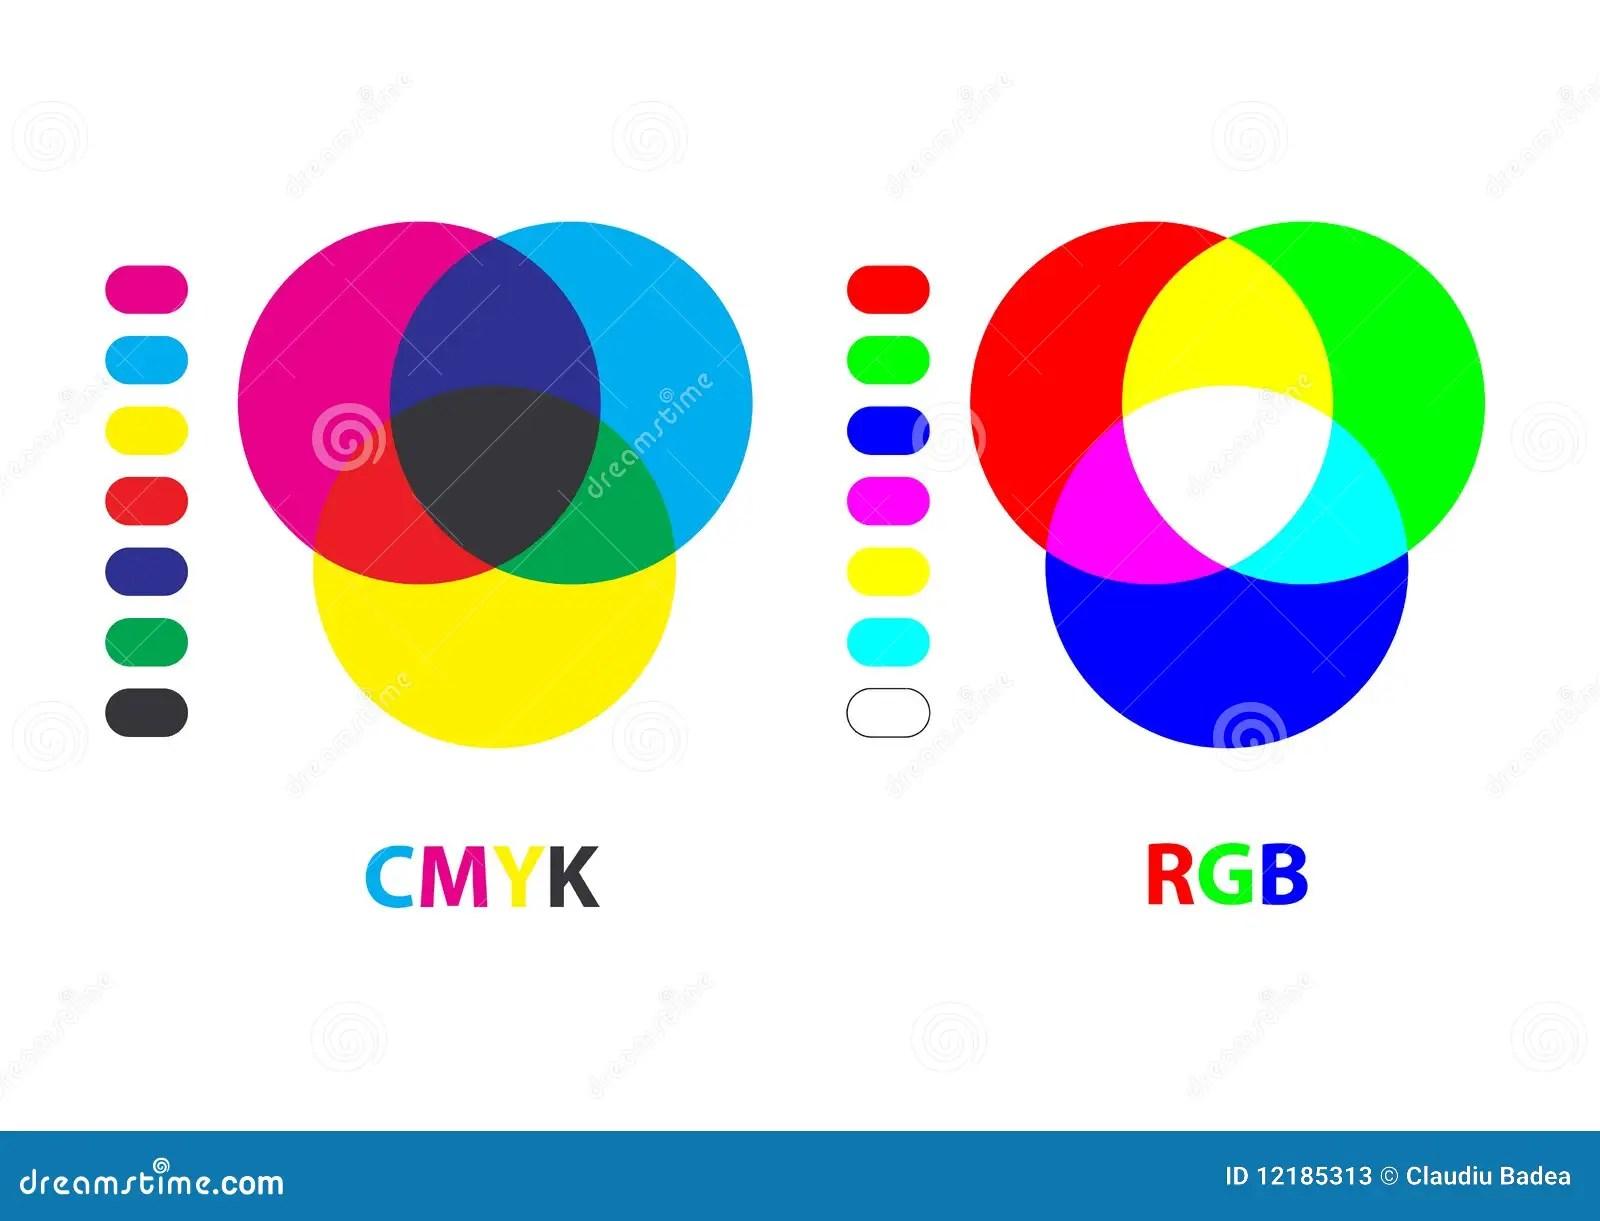 Rgb Cmyk Chart Stock Photos